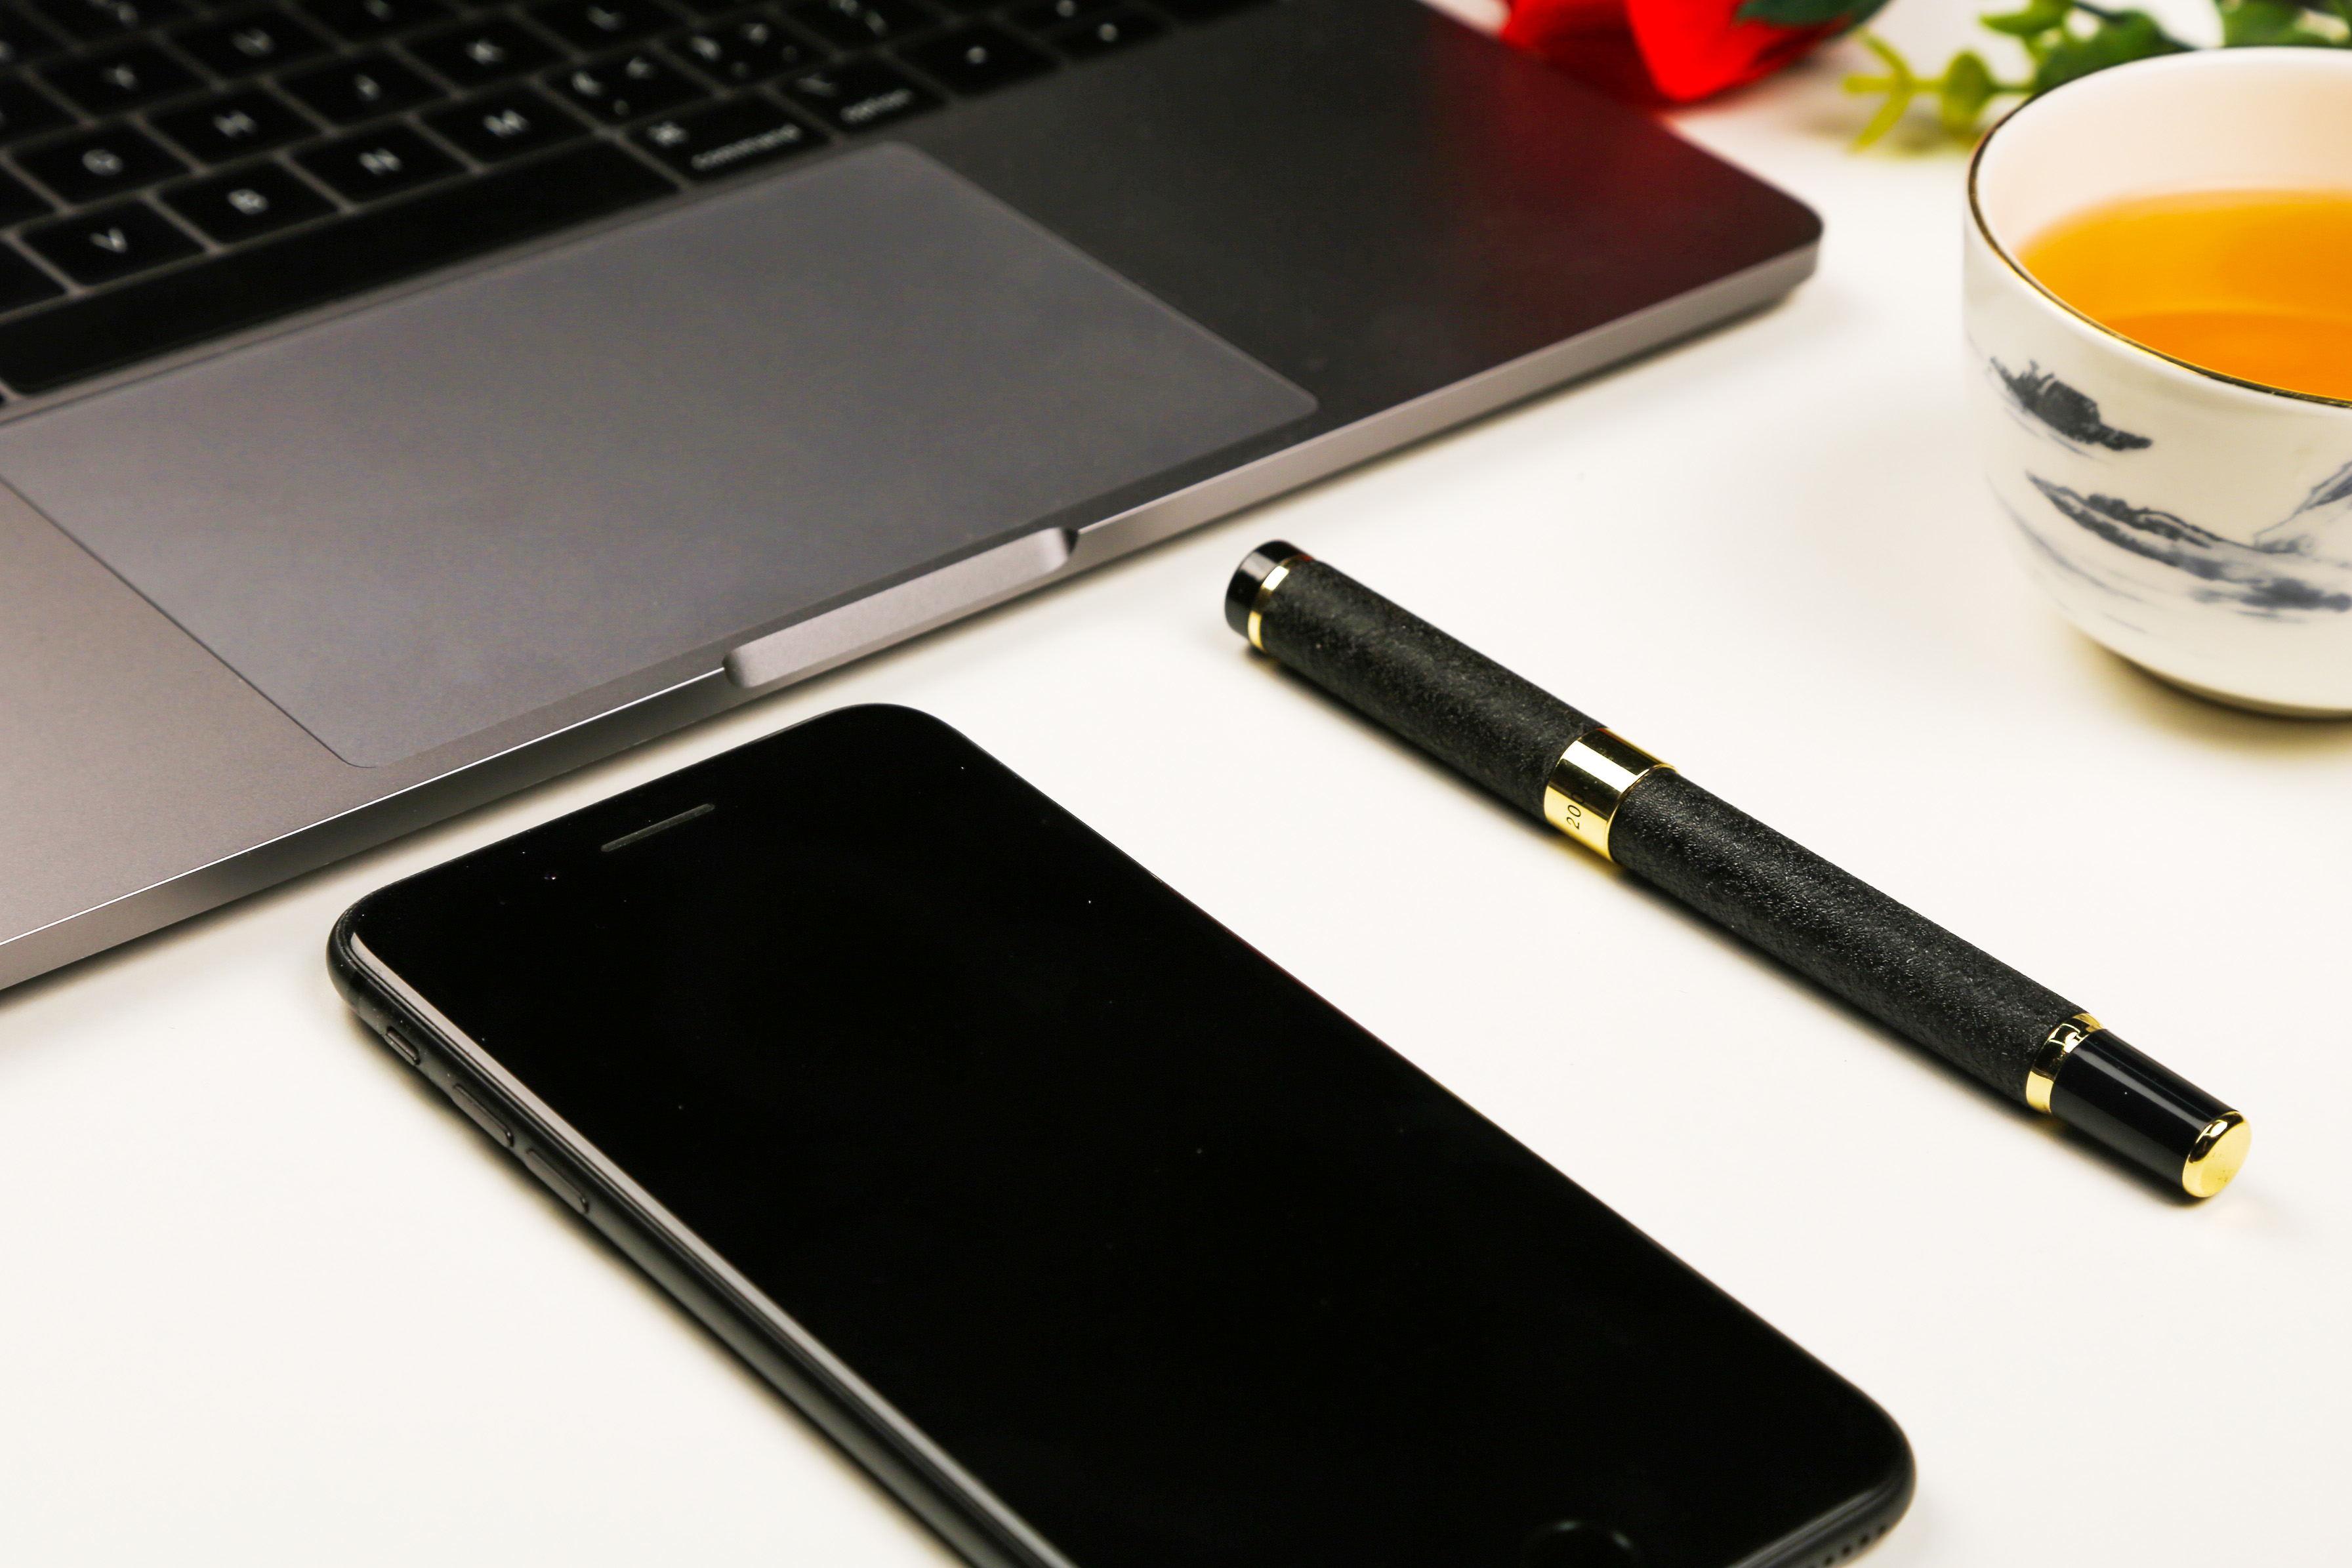 太原两名初中生发明了一款磁式盲文多点触摸阅读器